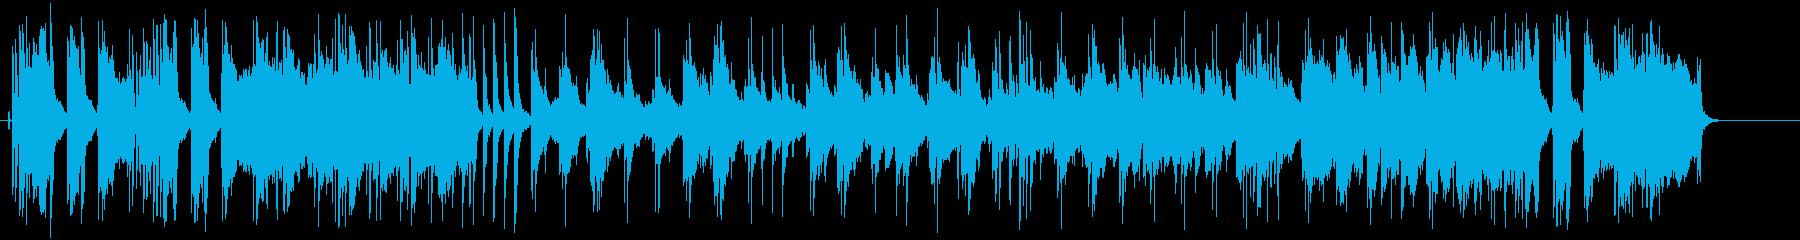 エモーショナルなR&B風へヴィーバラードの再生済みの波形